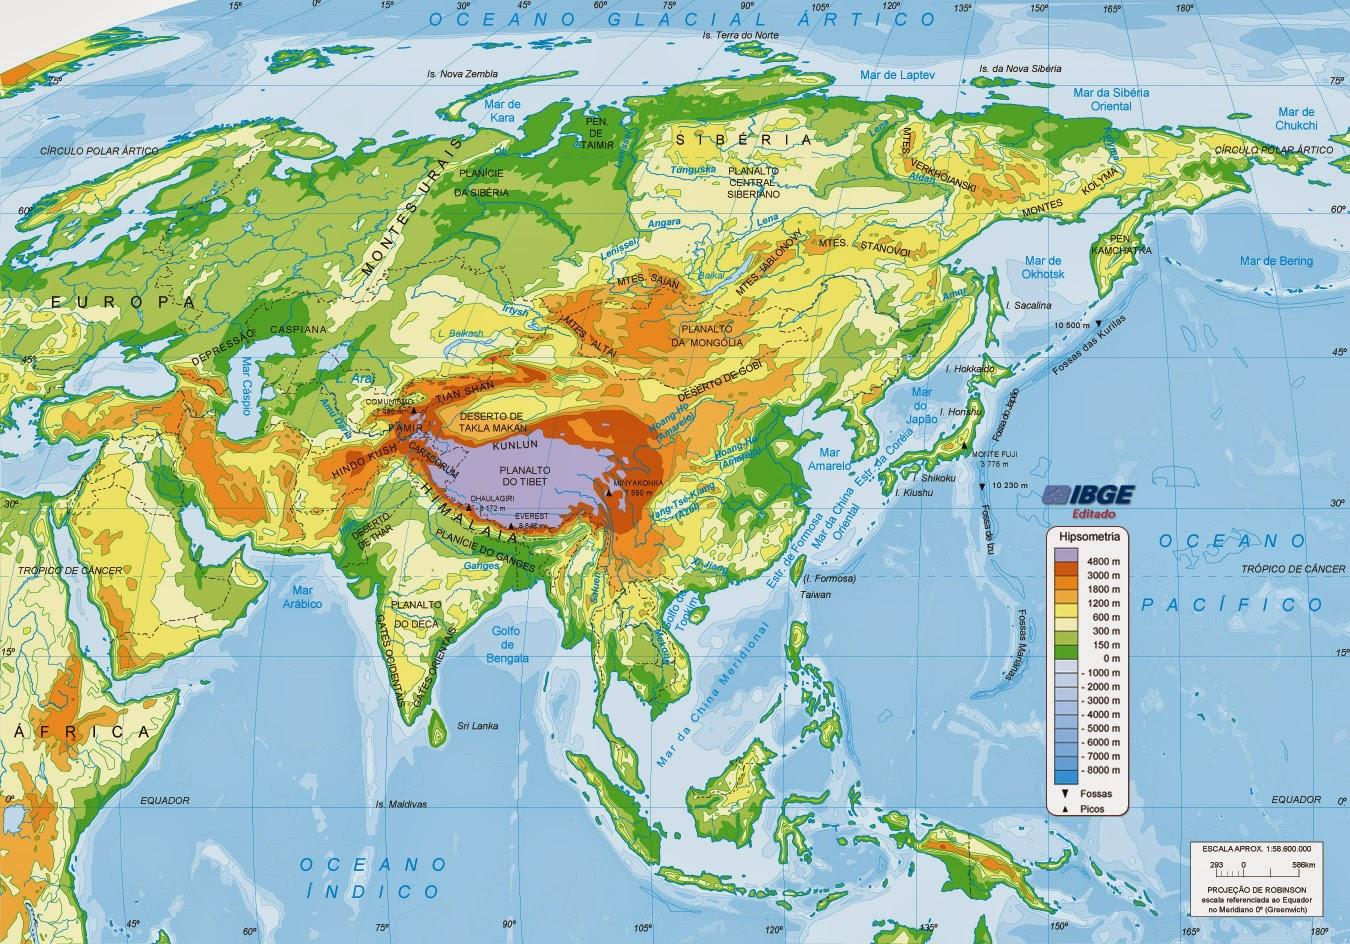 Mapa Fisico De China.Mapa Fisico De China Montanas Rios Desiertos Y Mesetas